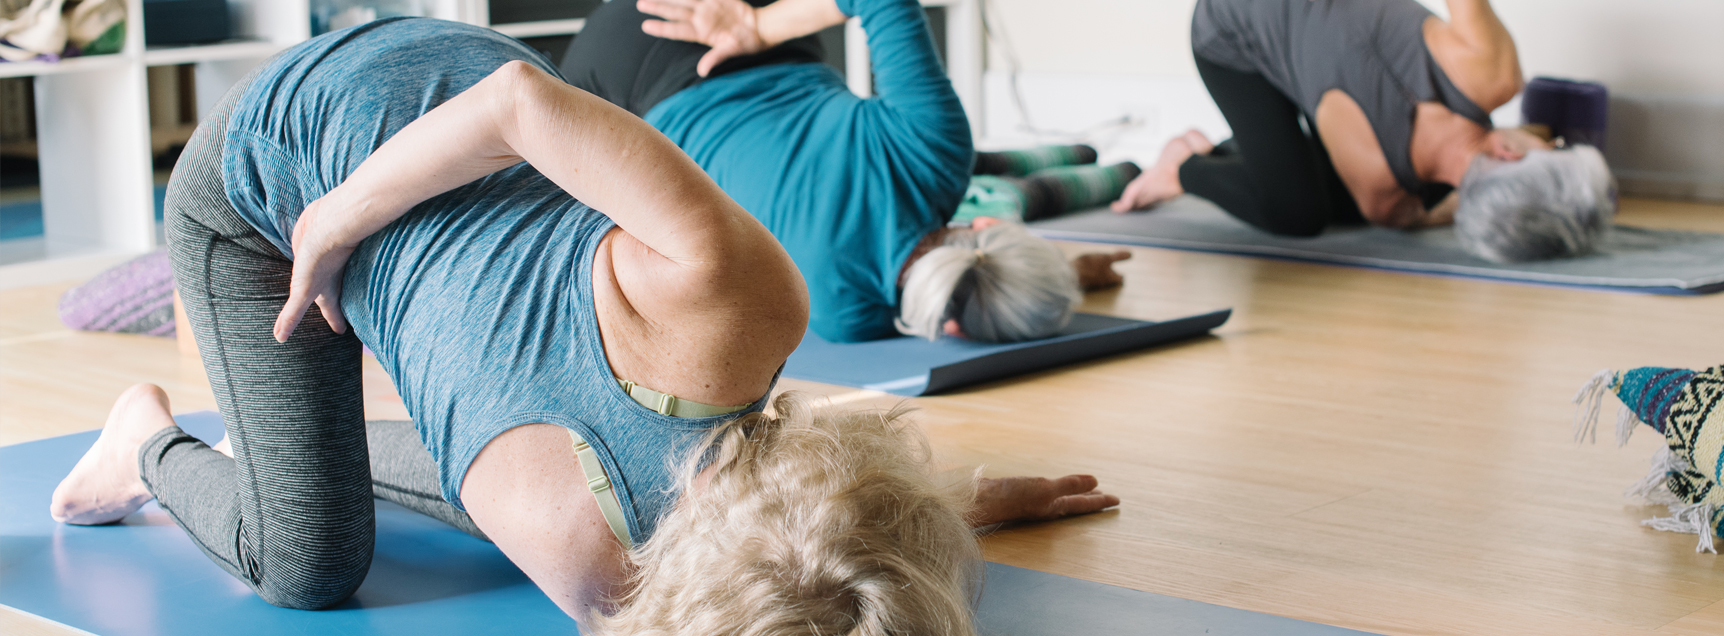 yoga collaborative cape cod